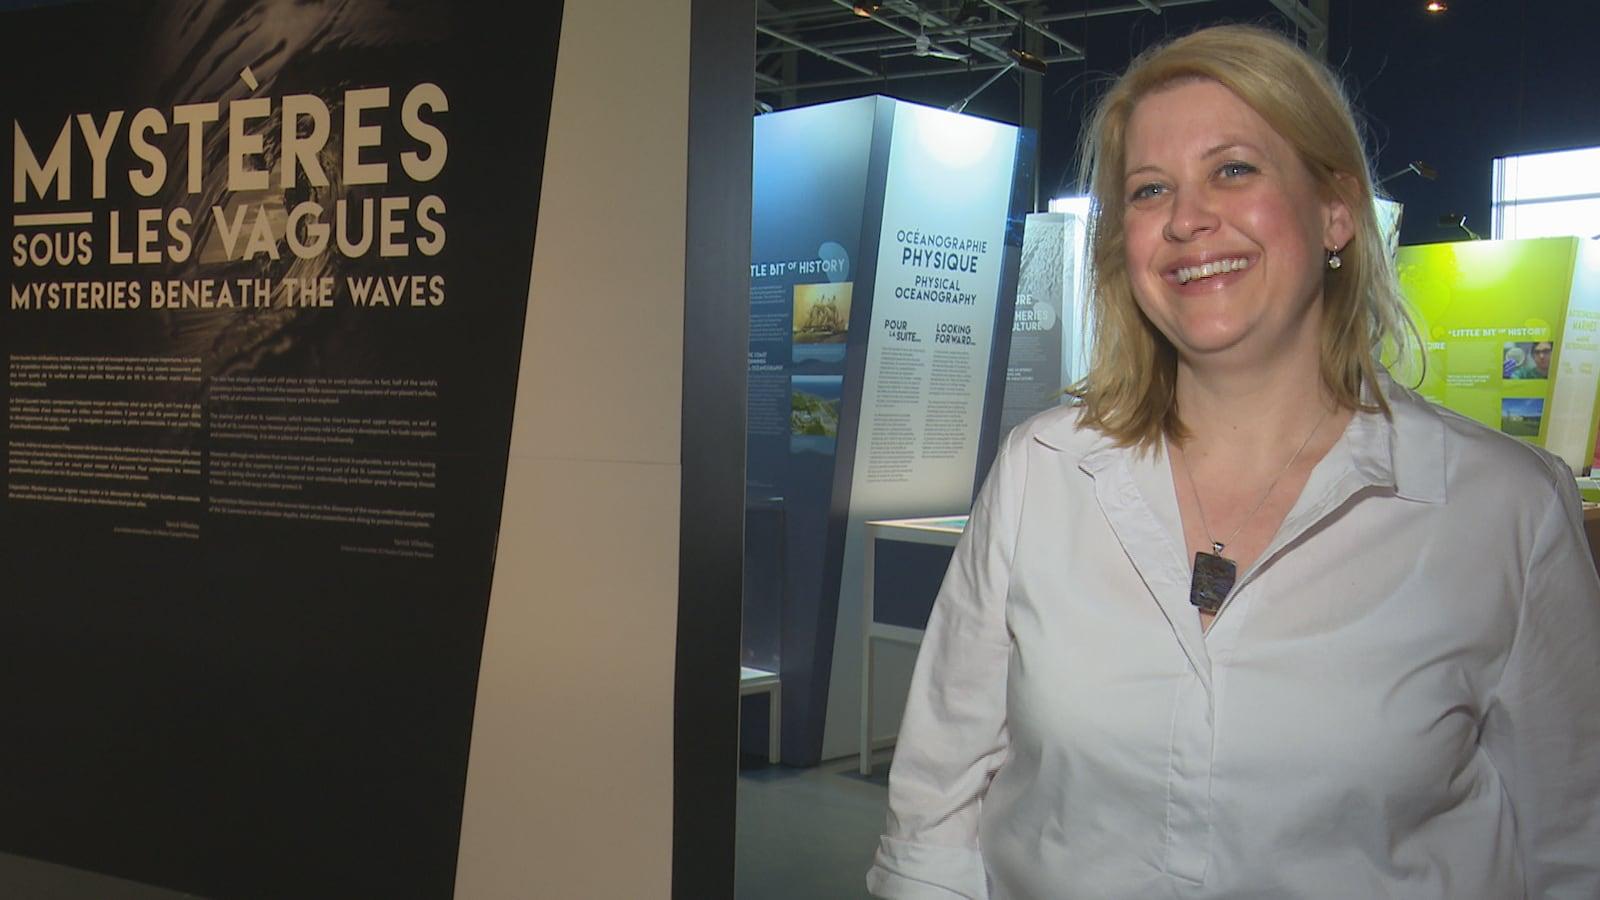 La directrice générale du musée Exploramer, Sandra Gauthier